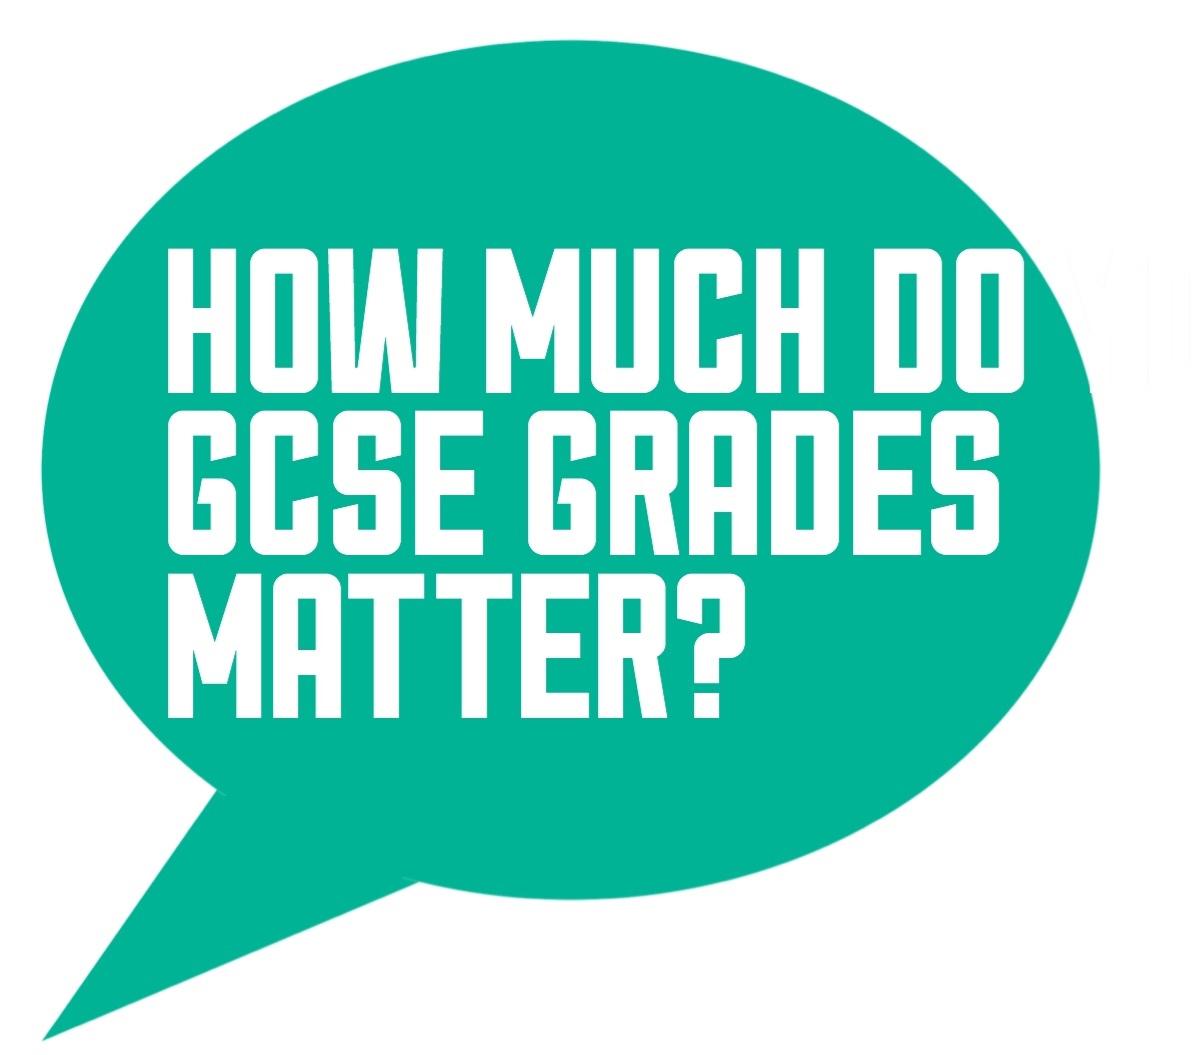 How much do GCSE grades matter?